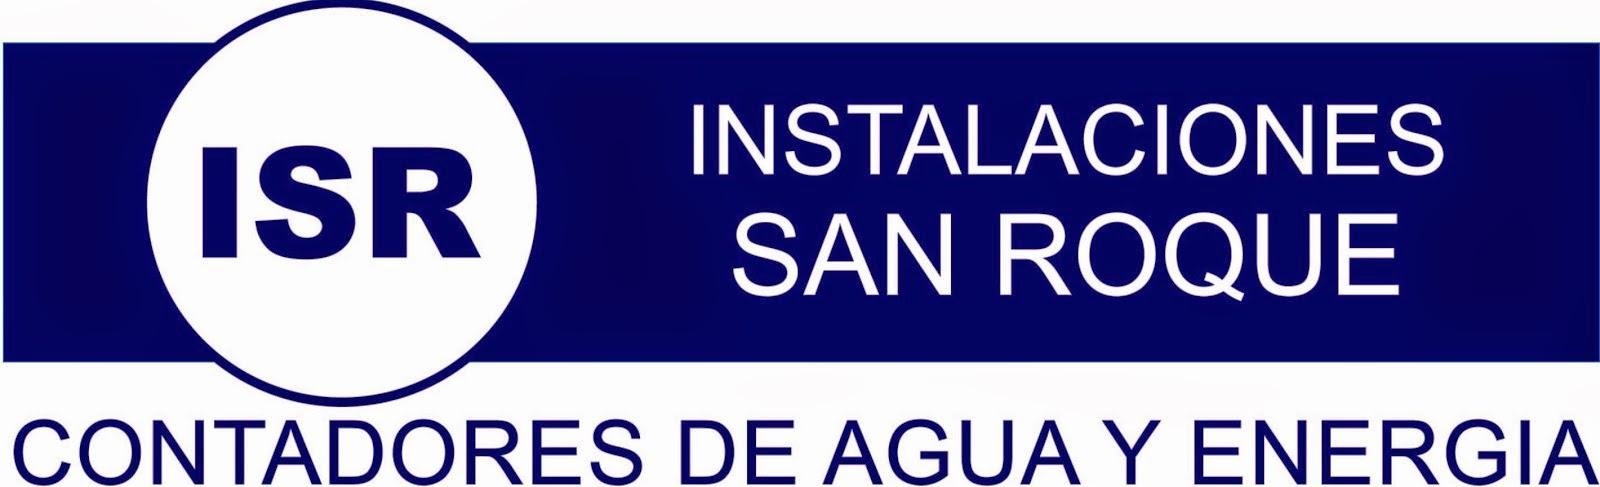 Instalacioes San Roque - Contadores de agua y energía